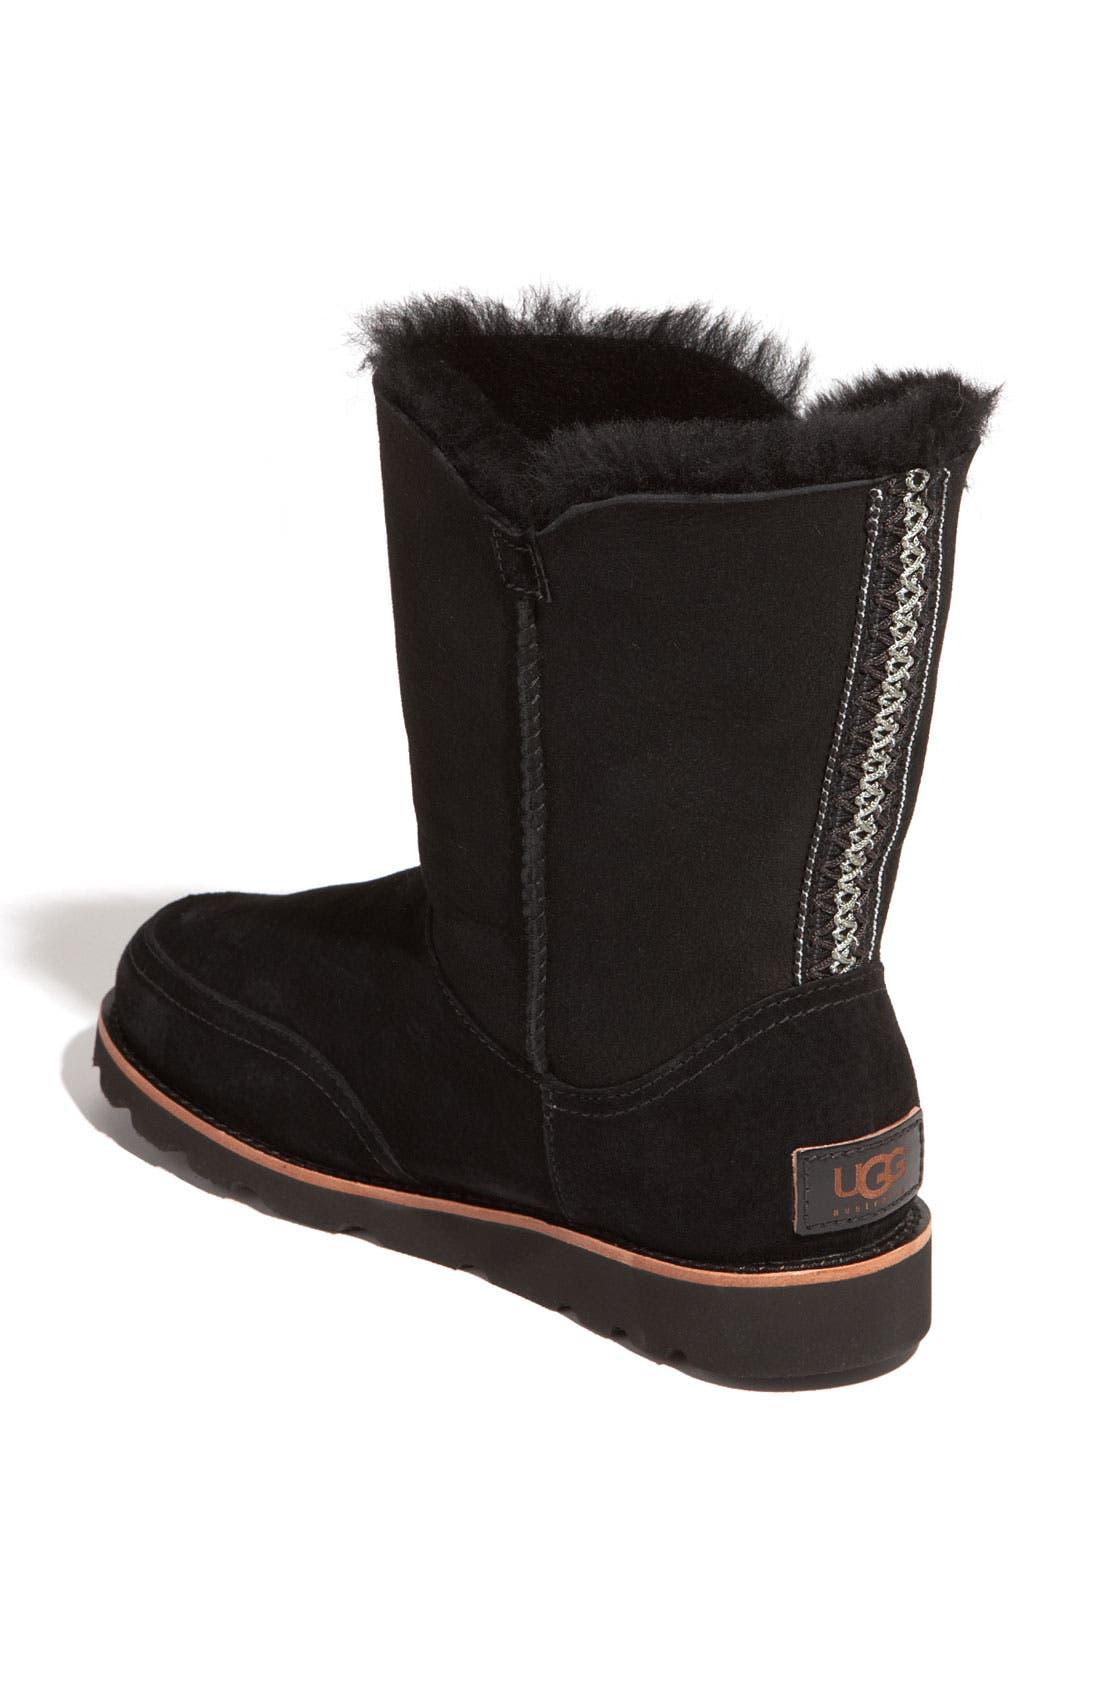 Australia 'Shanleigh' Boot,                             Alternate thumbnail 2, color,                             Black